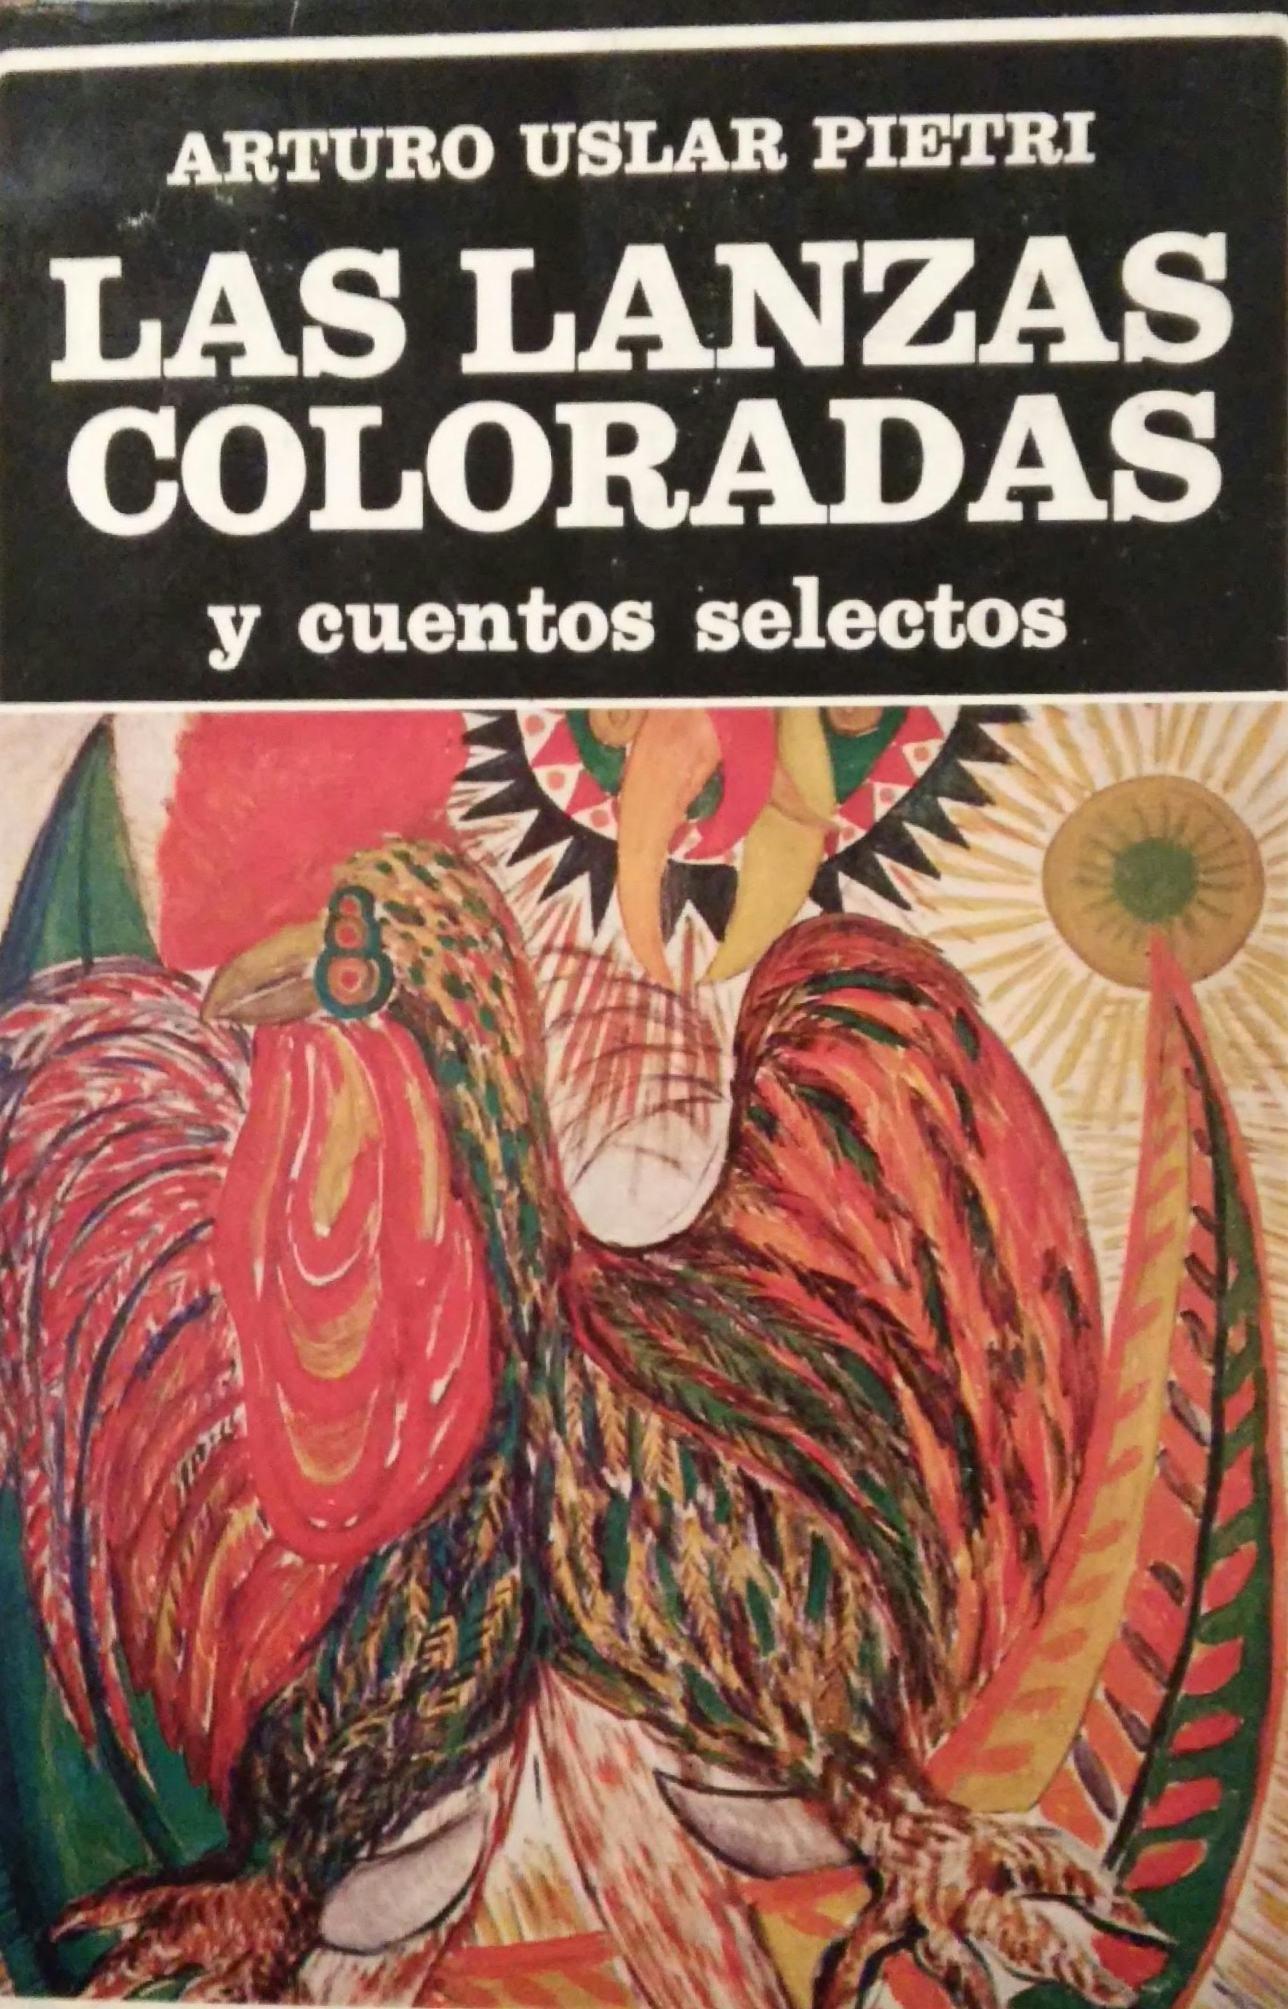 Las lanzas coloradas y cuentos selectos Biblioteca Ayacucho: Amazon.es: Uslar Pietri, Arturo: Libros en idiomas extranjeros